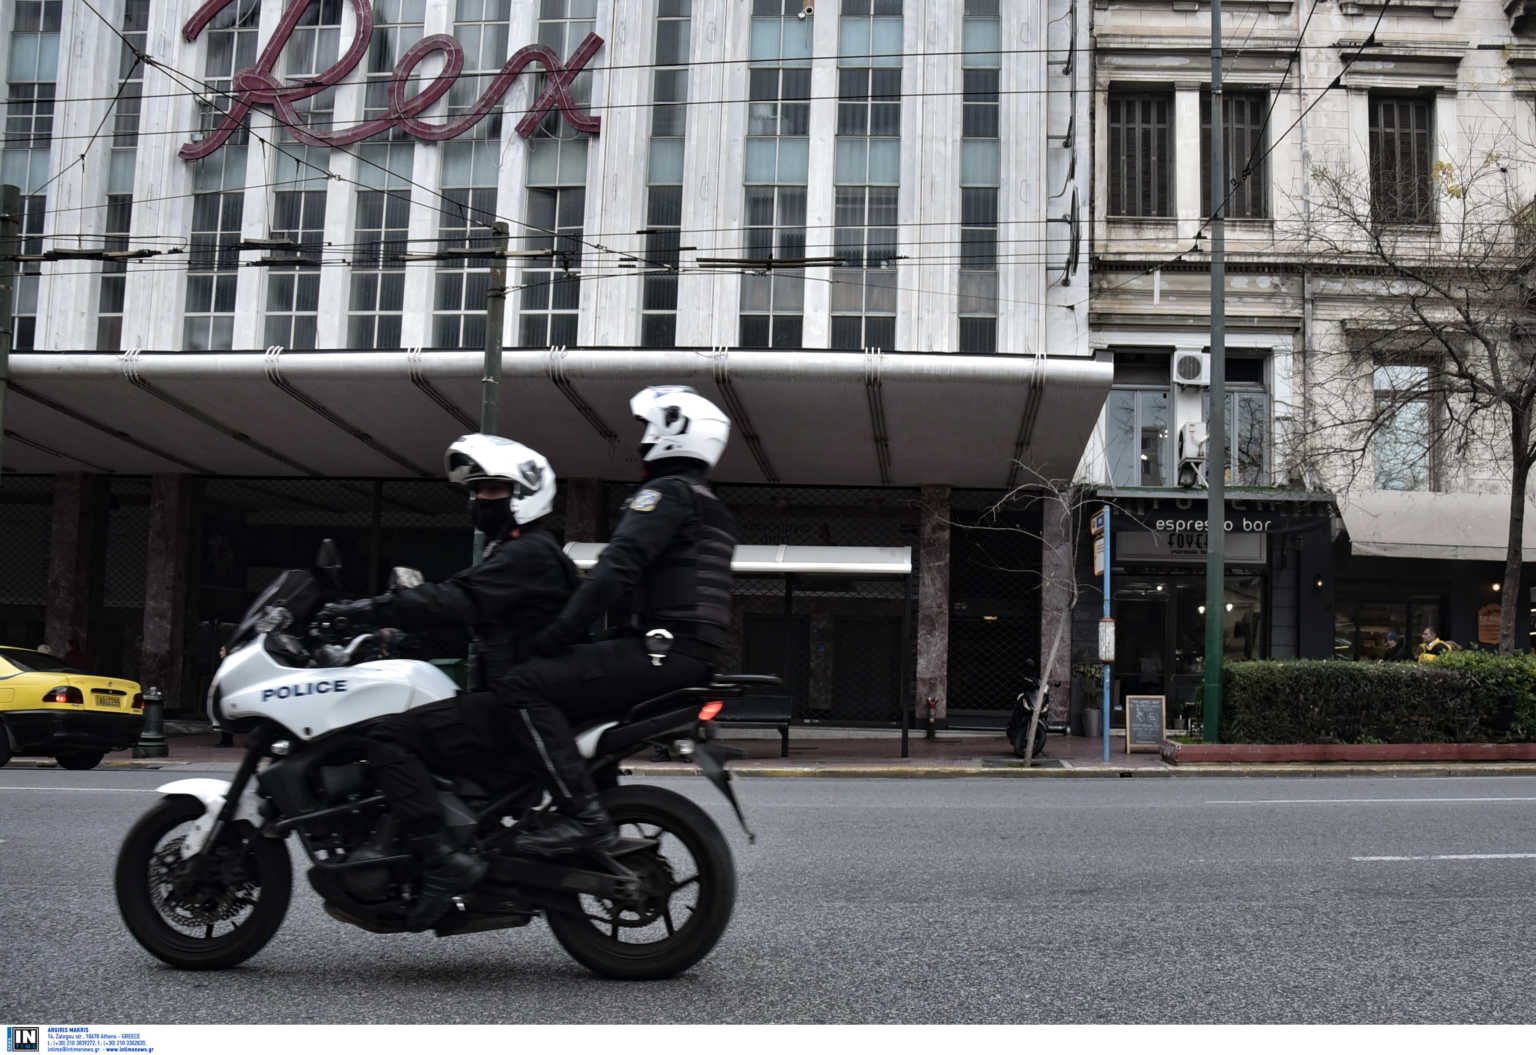 Τροχαίο Ι.Χ. με μηχανή της ΔΙΑΣ – Τραυματίστηκαν δυο αστυνομικοί